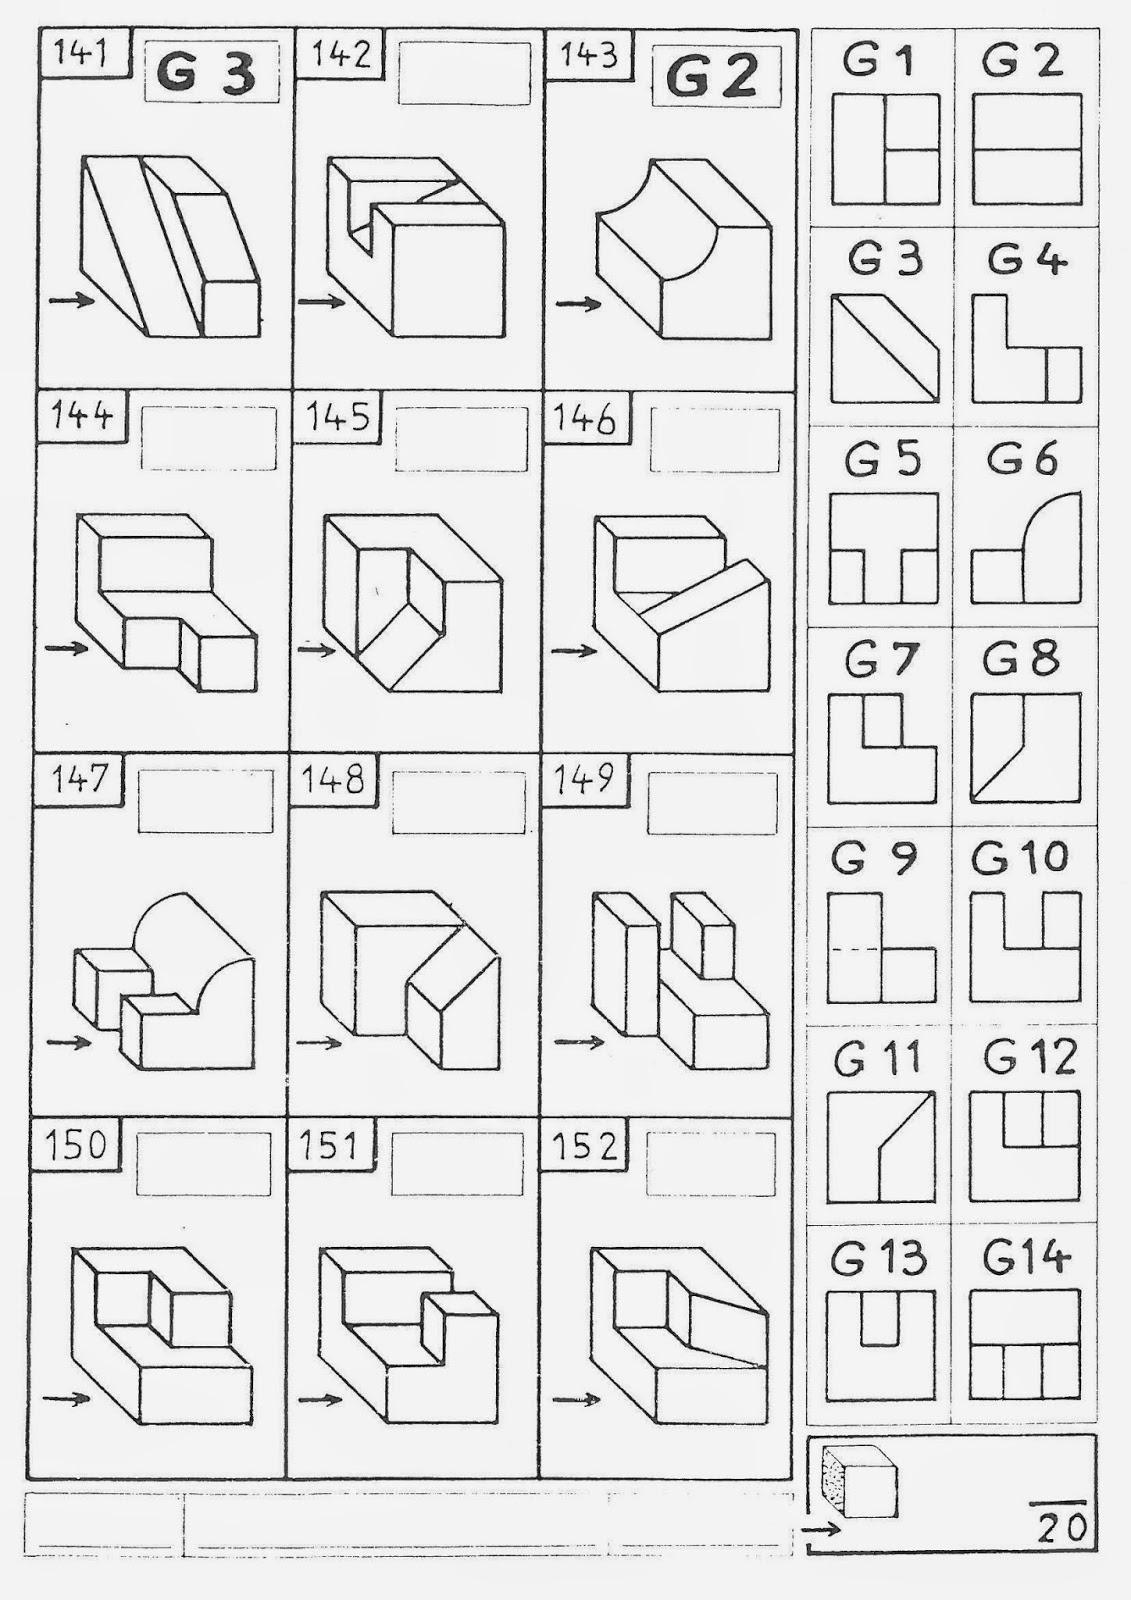 Exercice dessin technique en ligne